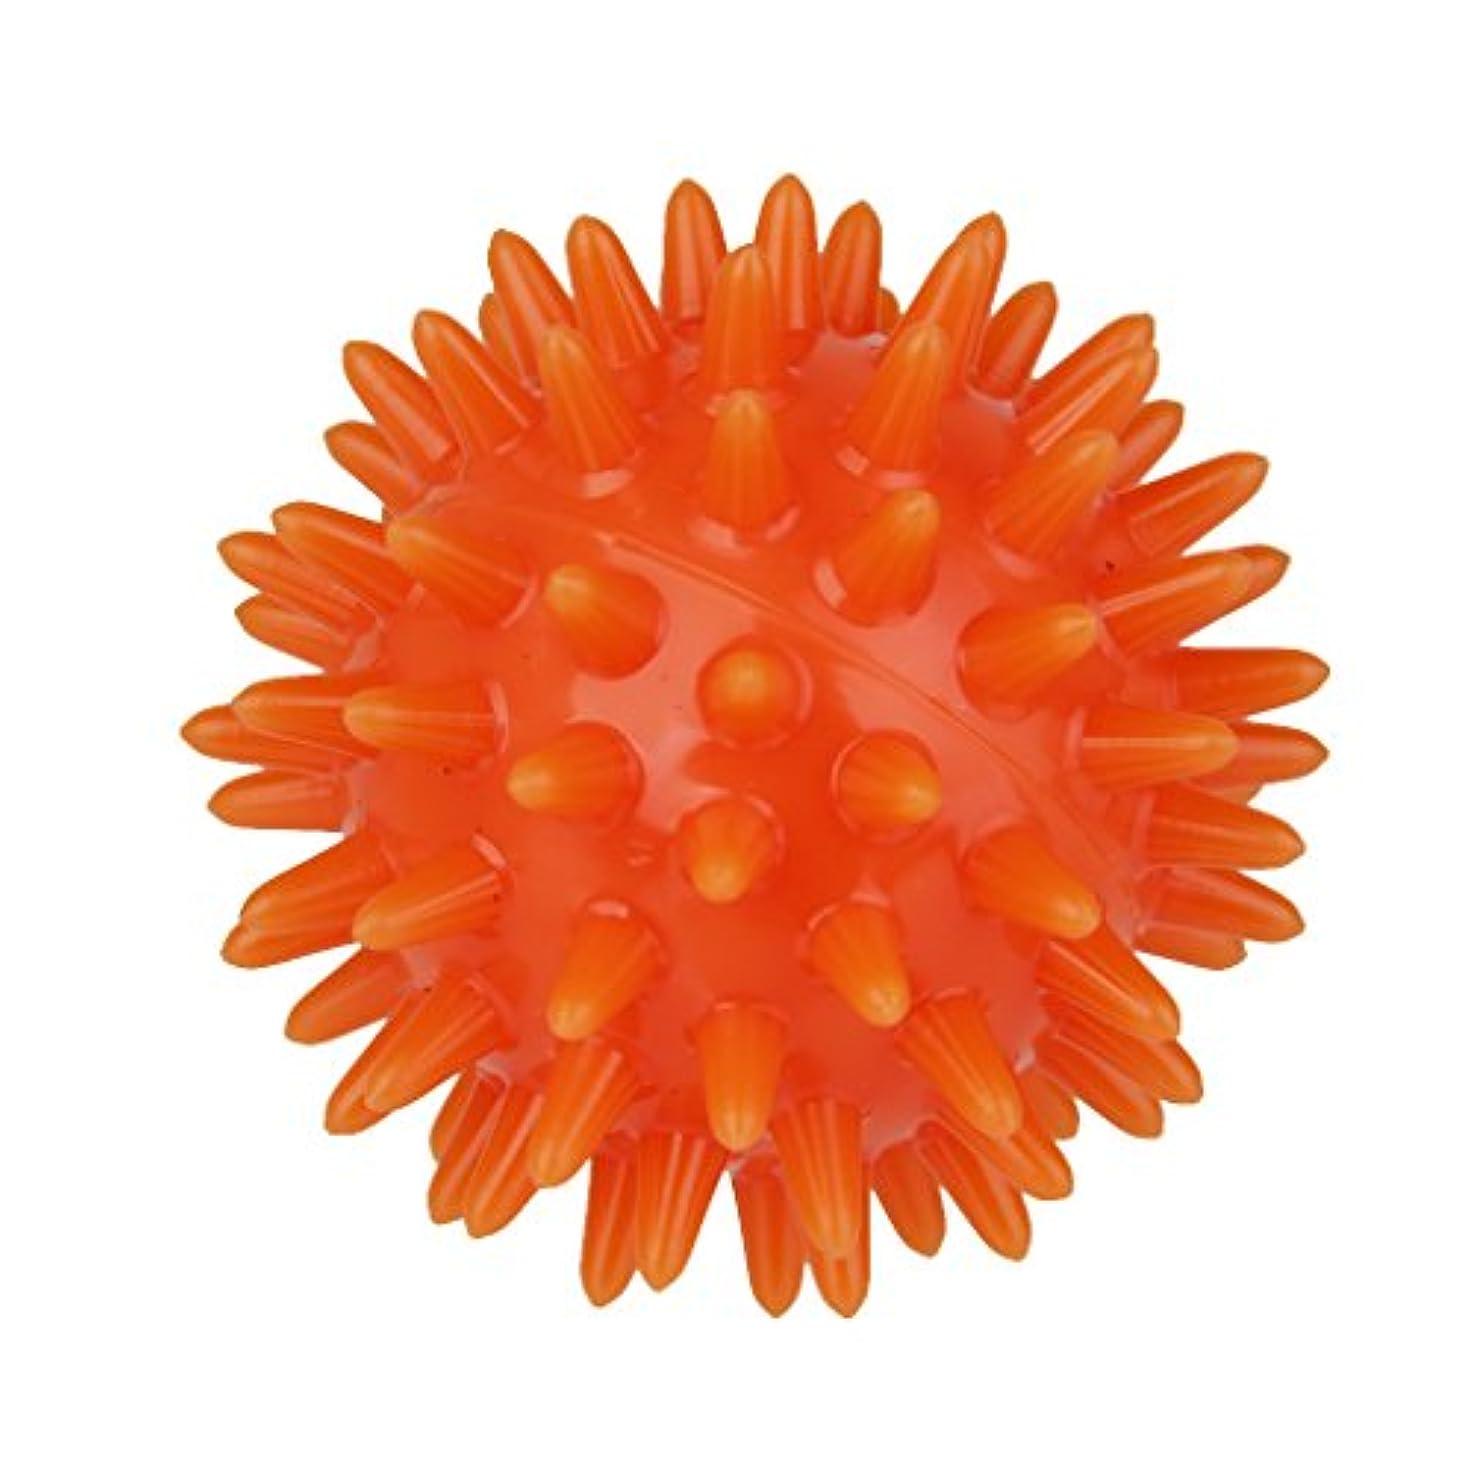 カレンダー霜砂漠Fenteer ソフト マッサージボール 手のひら 足 腕 首 背中 マッサージ 疲れ 緩和 オレンジ